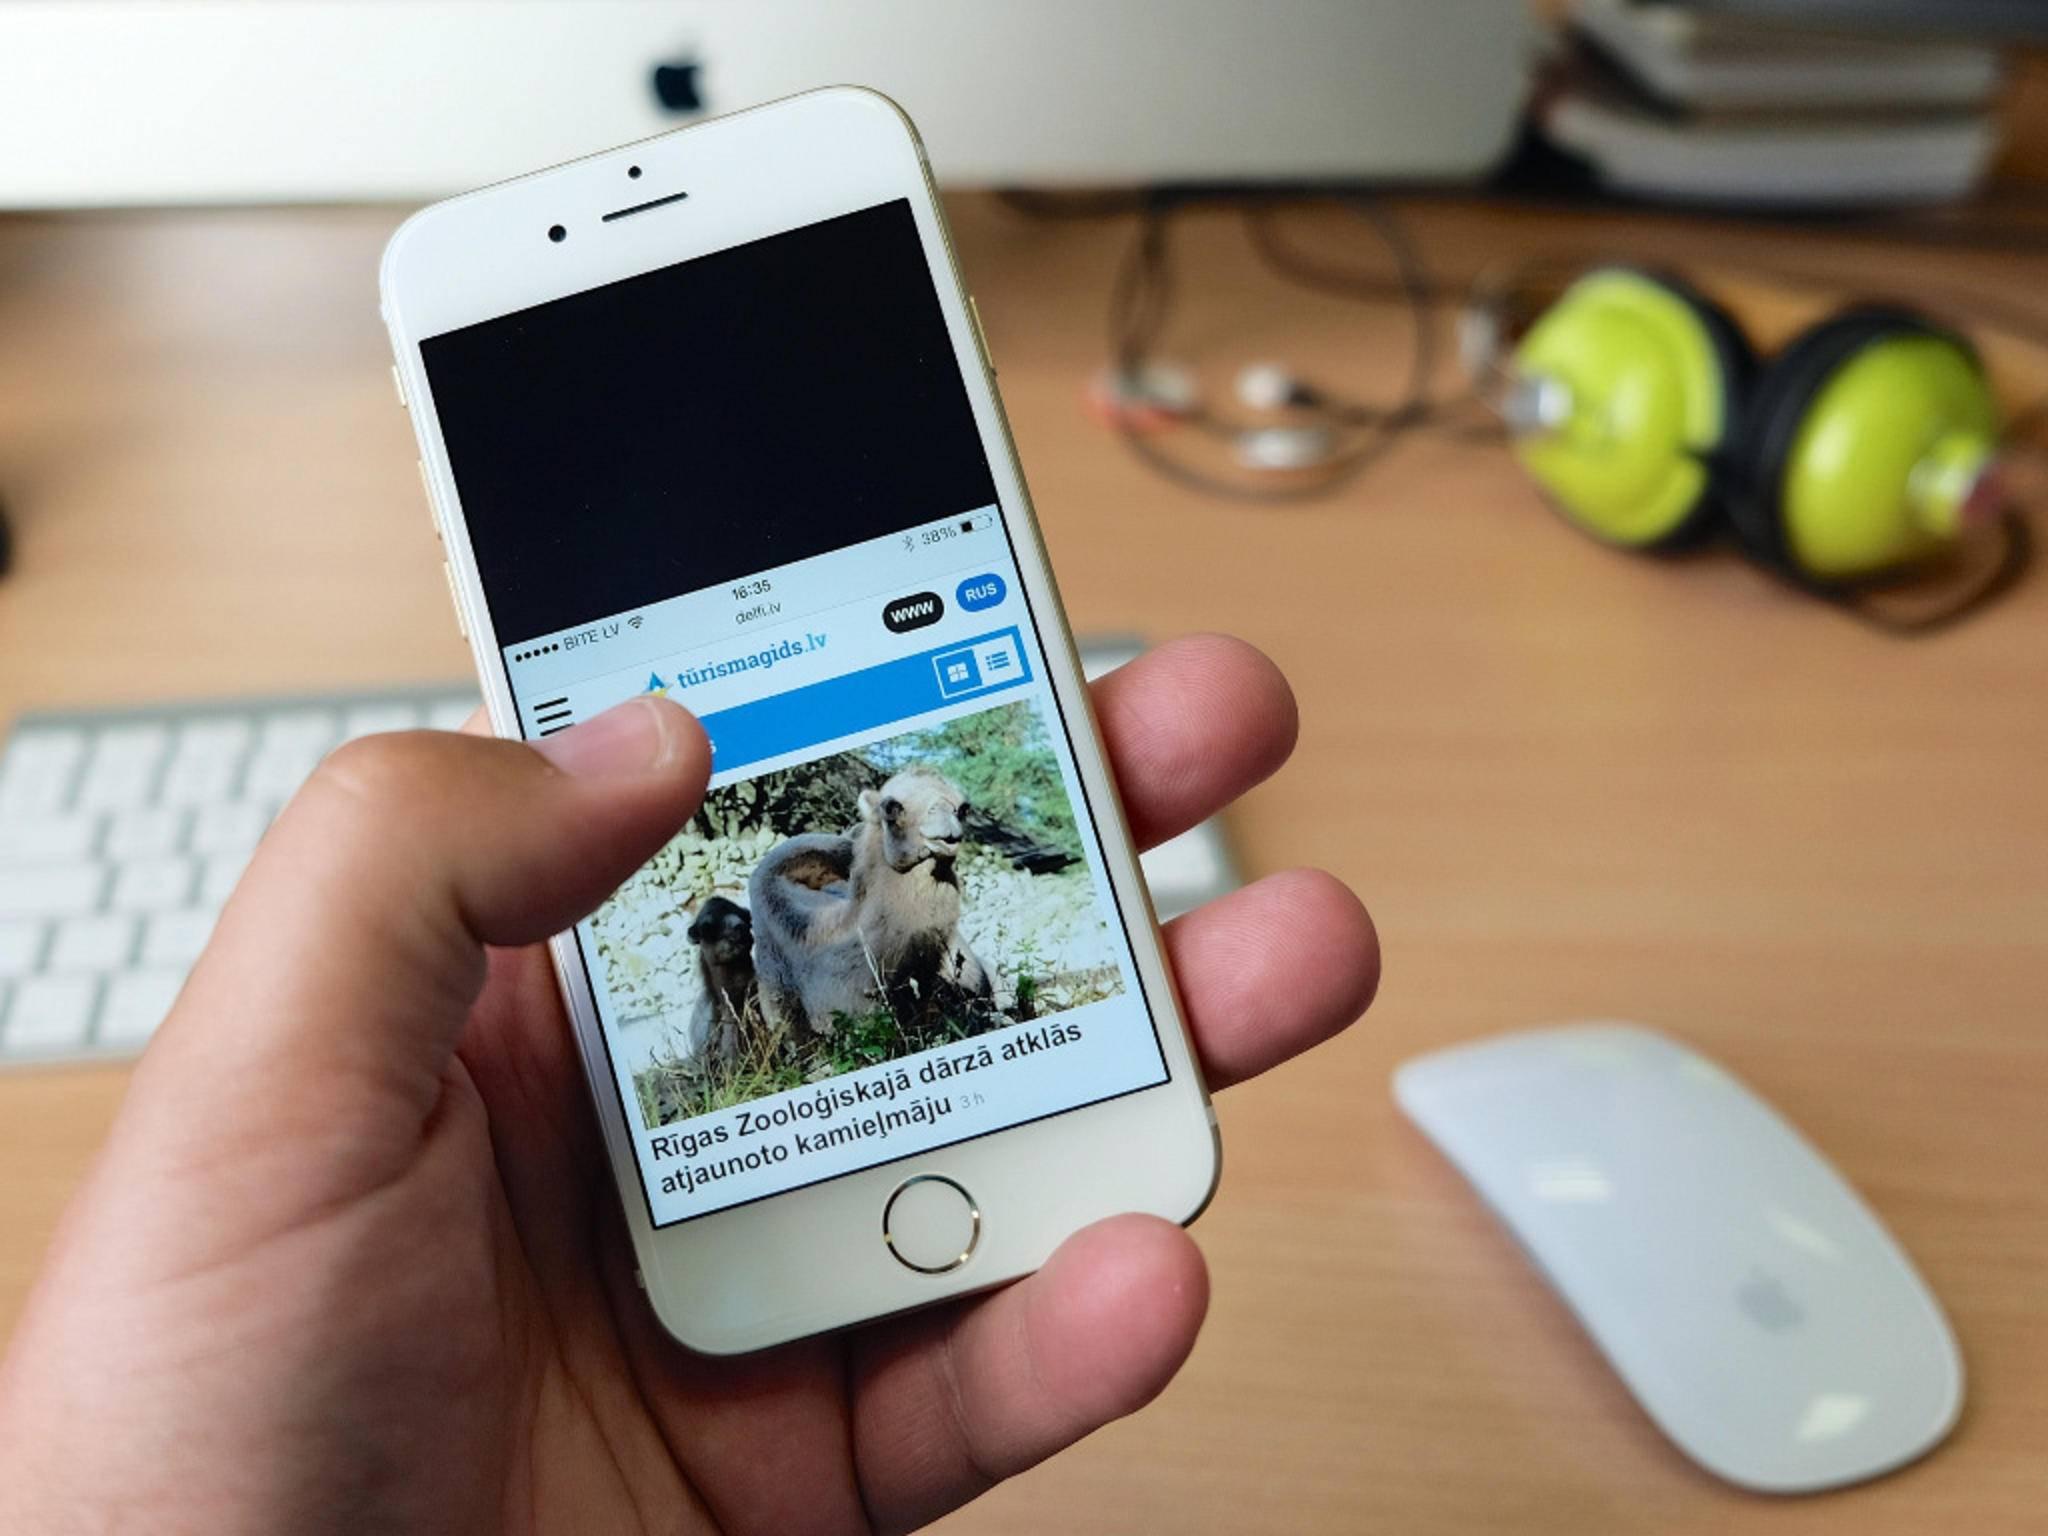 Wer seine Fotos nicht offen auf dem iPhone lassen möchte, kann diese auch verstecken.